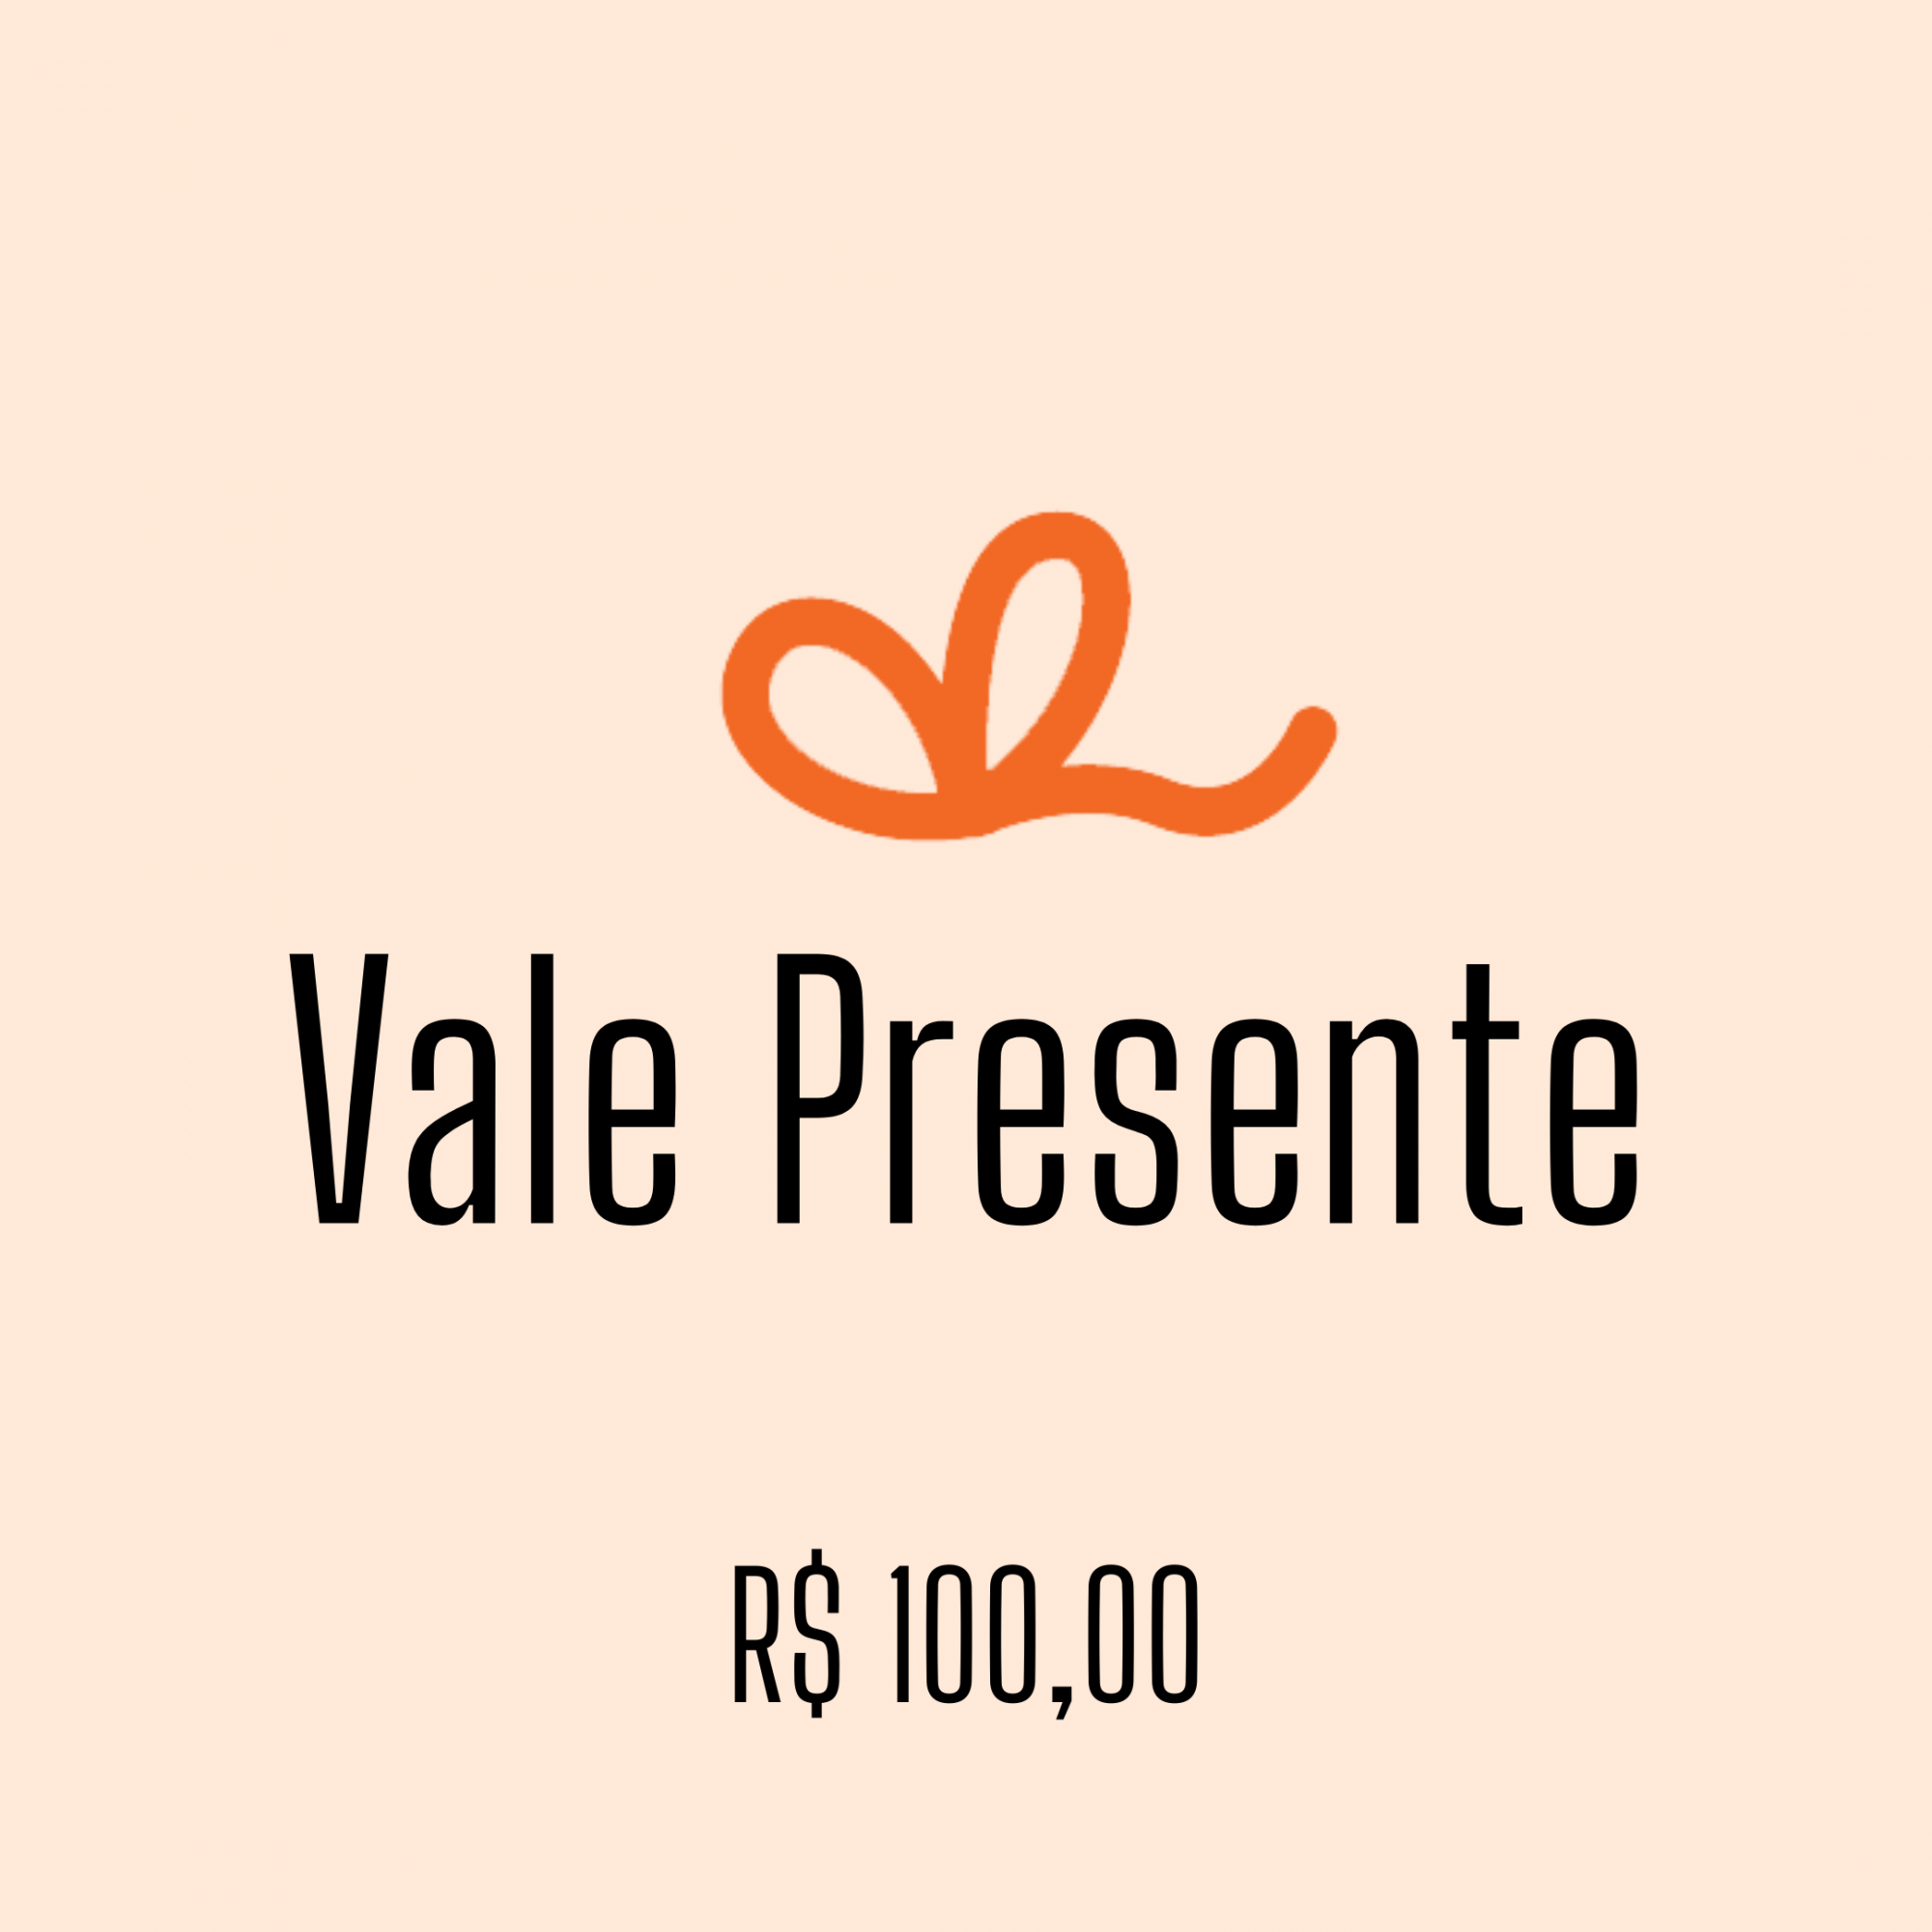 VALE PRESENTE DE R$ 100